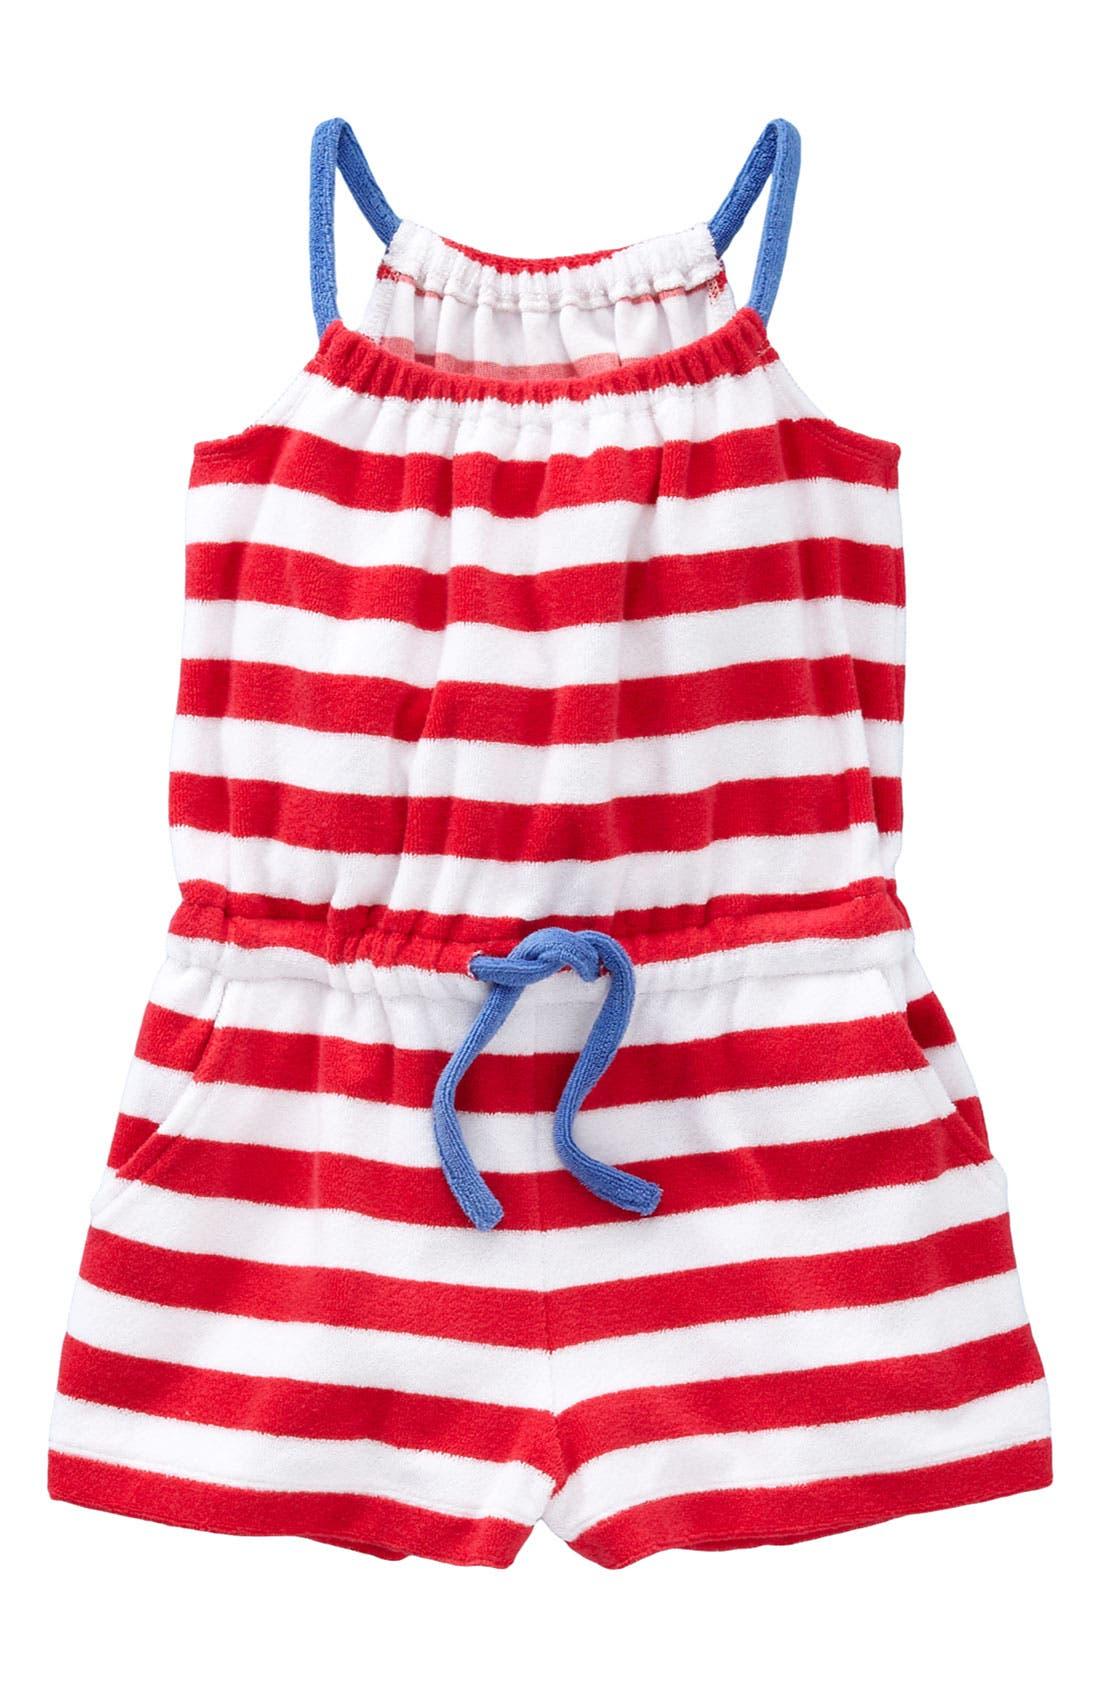 Alternate Image 1 Selected - Mini Boden Romper (Toddler)